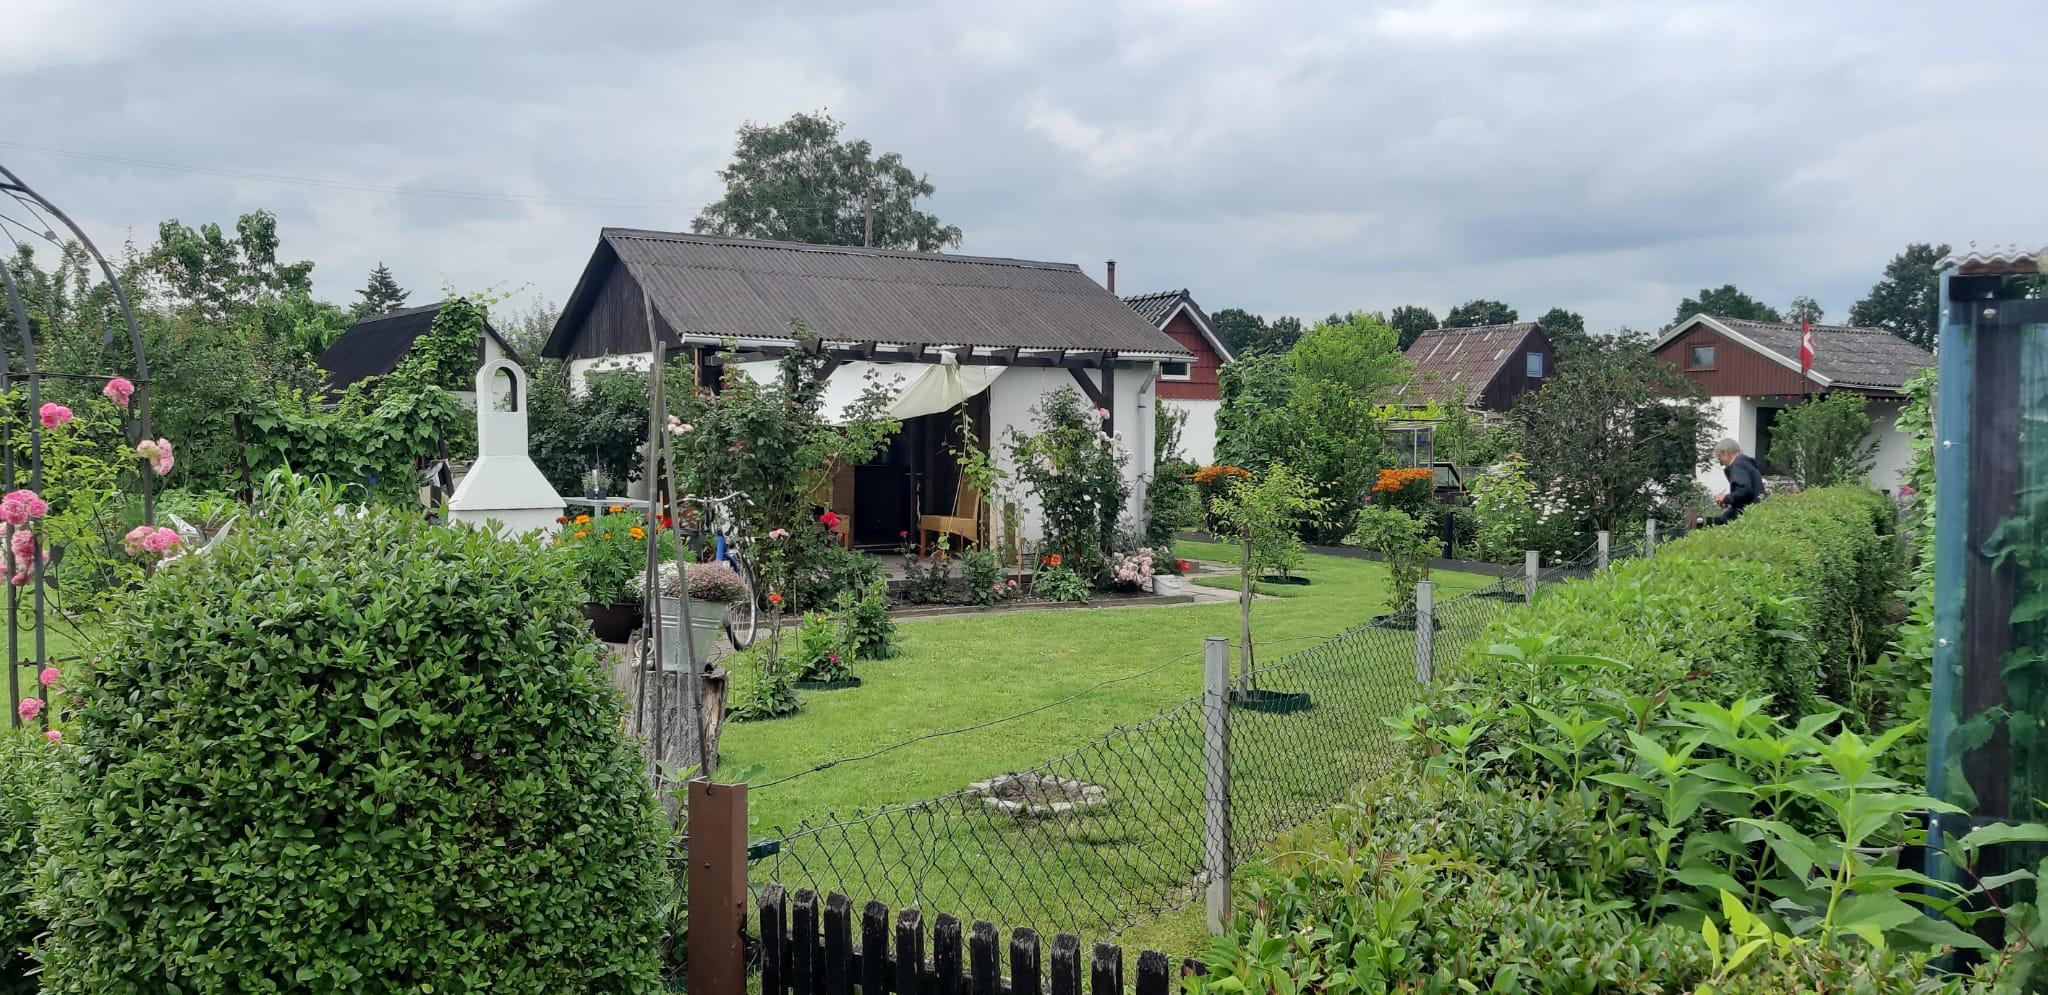 Kleingarten in der Neuanlage im Feuerdornweg in Richtung Nordwesten Juli 2021